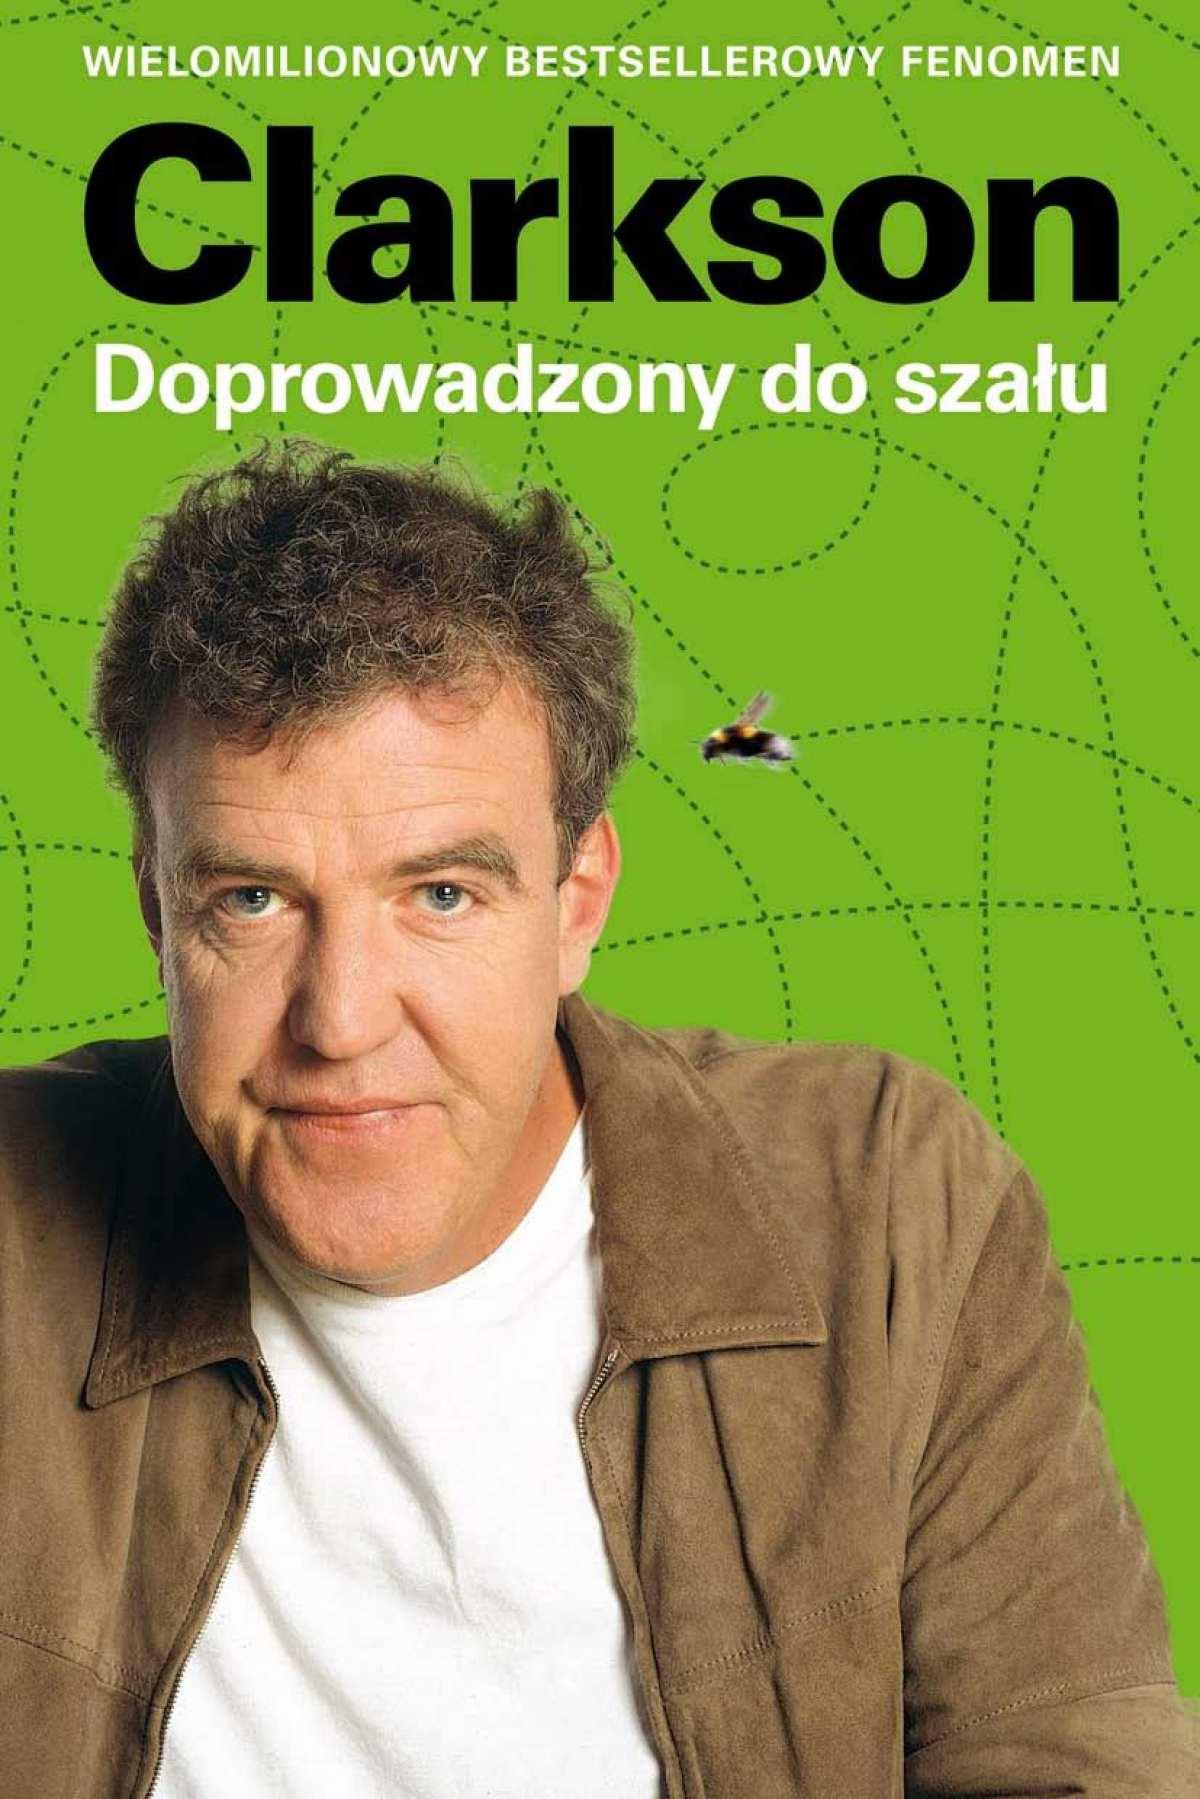 Doprowadzony do szału - Tylko w Legimi możesz przeczytać ten tytuł przez 7 dni za darmo. - Jeremy Clarkson